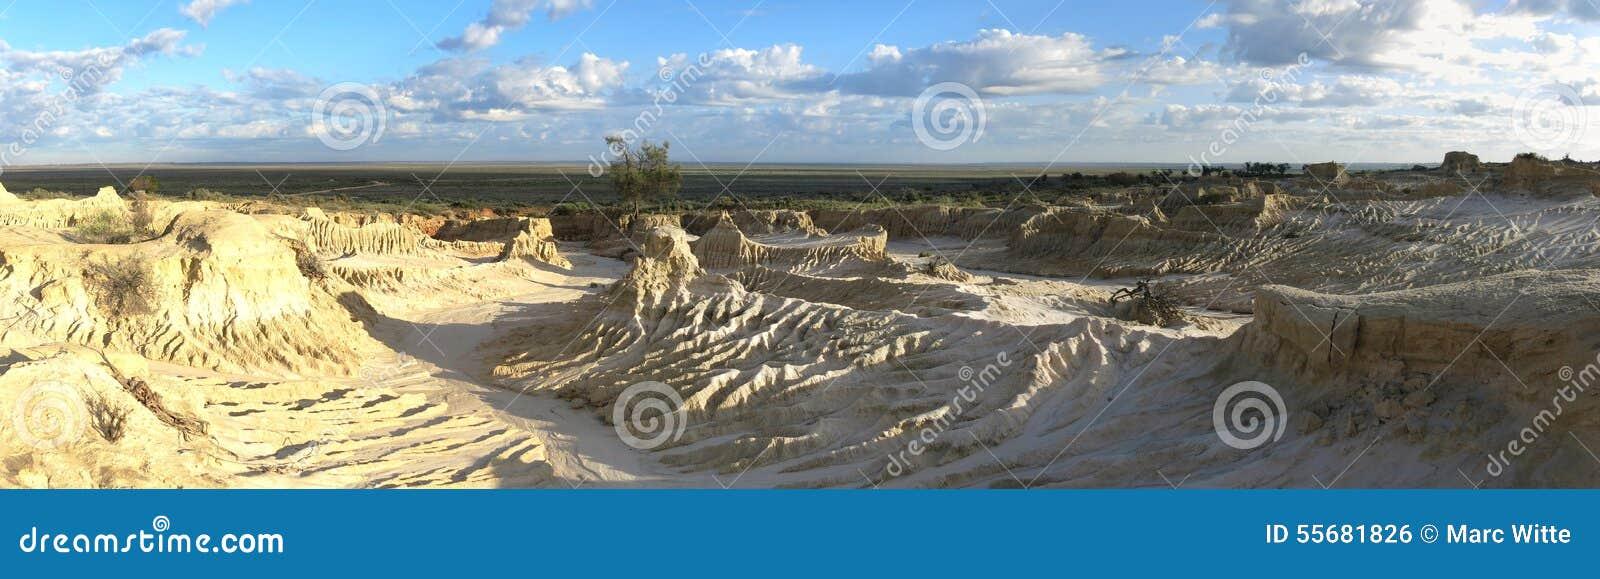 Panorama - parco nazionale del mungo, NSW, Australia